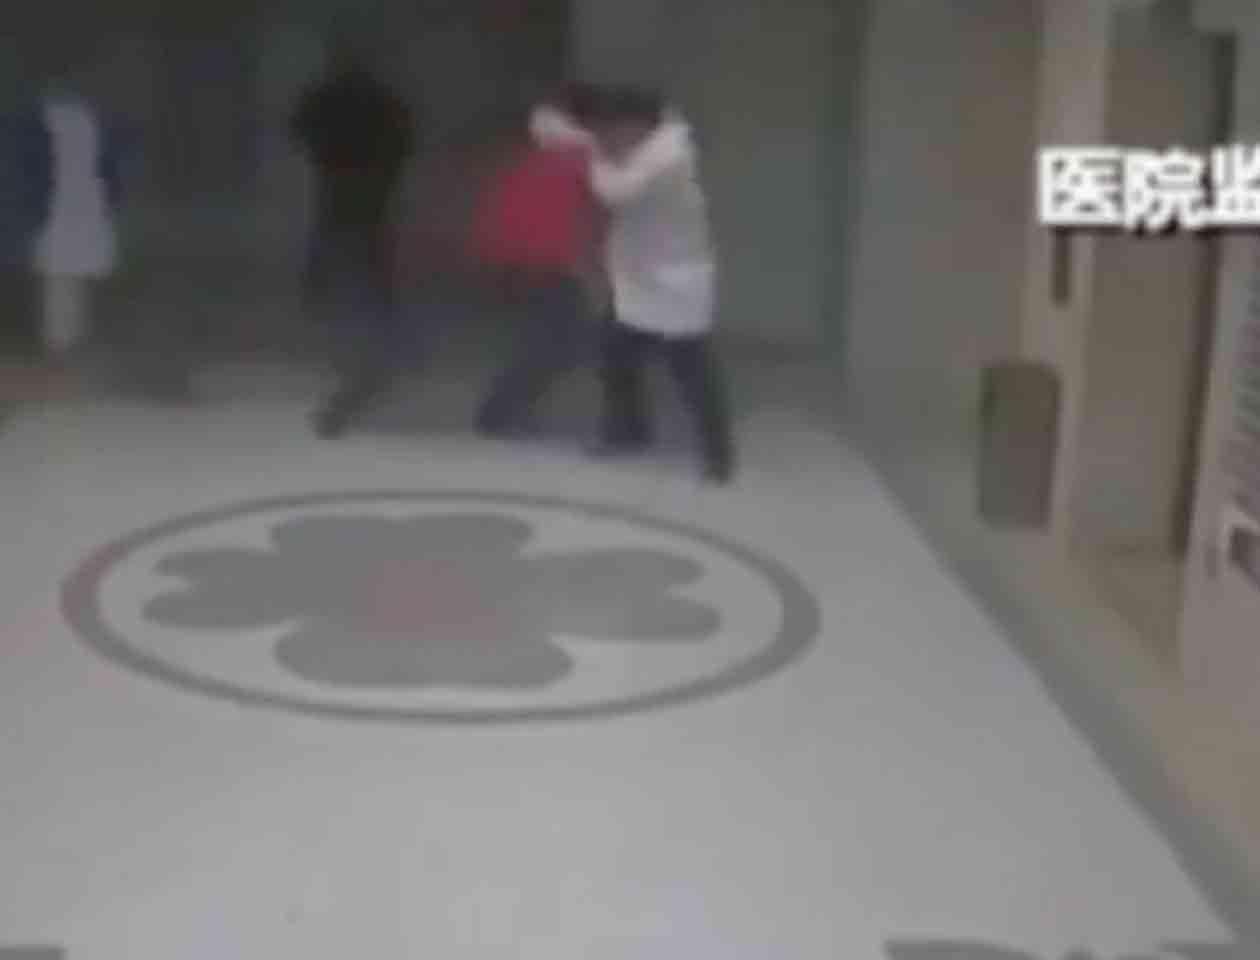 Los dos individuos murieron al instante debido al impacto de la caída Foto: Imagen tomada de YouTube